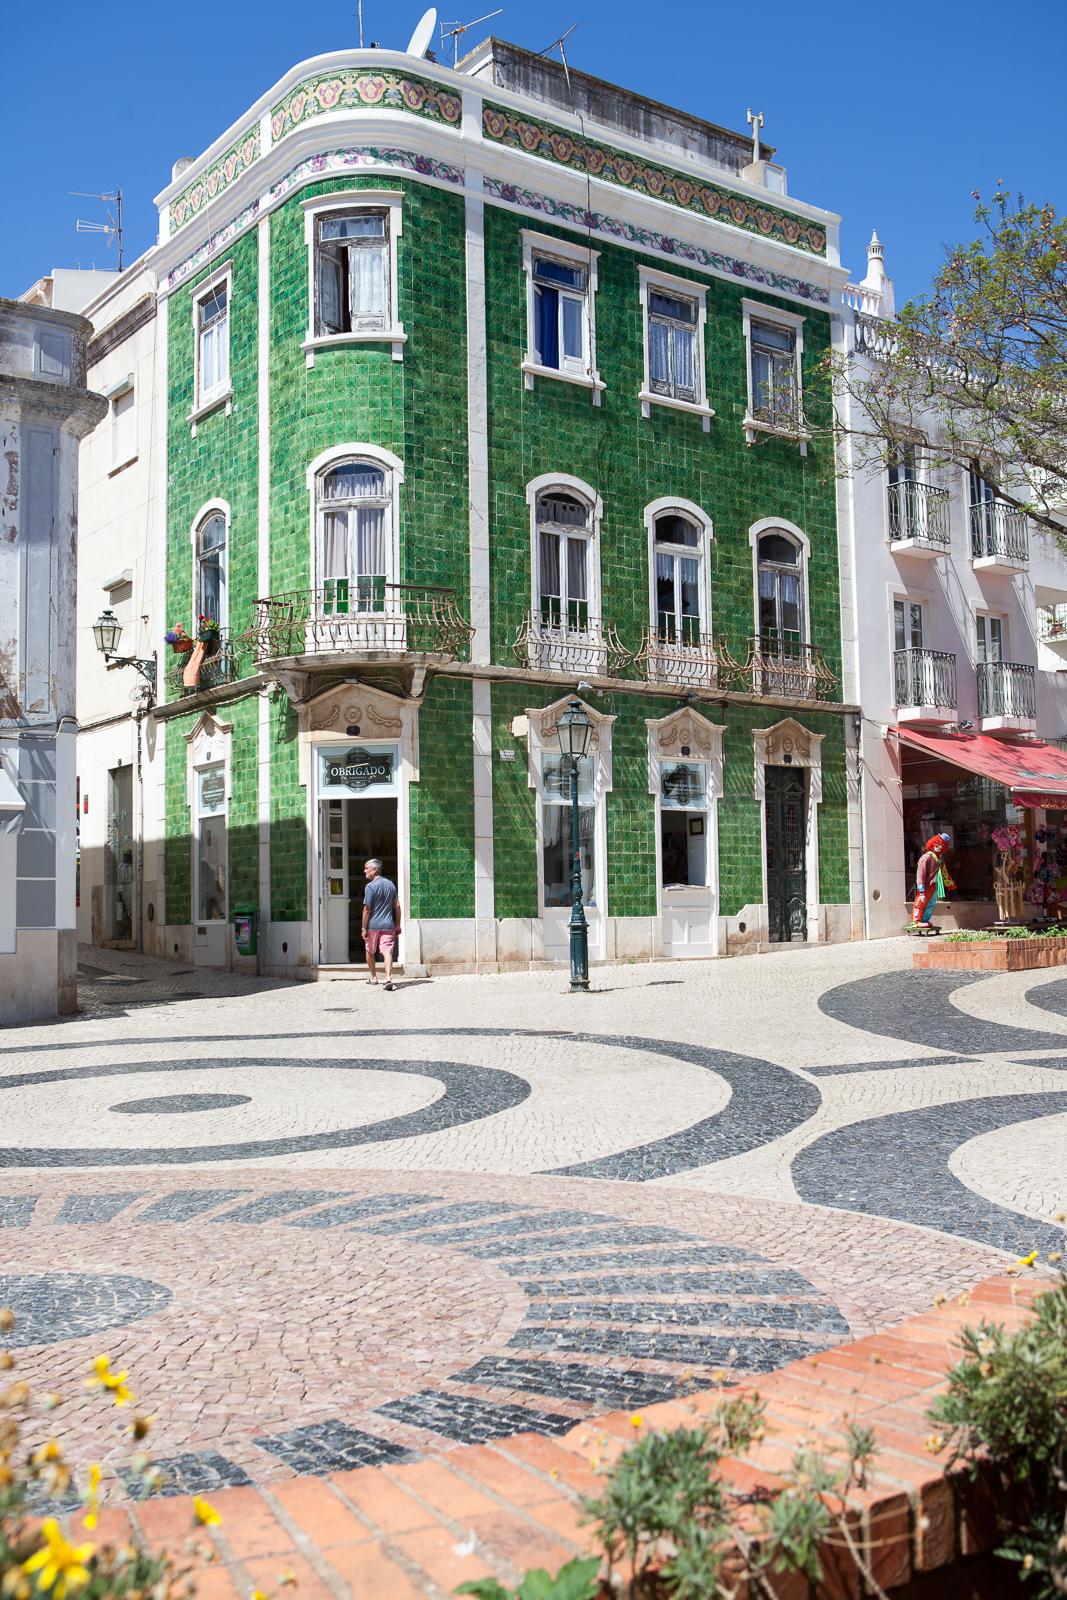 Dag06-Algarve-009-IMG_49452